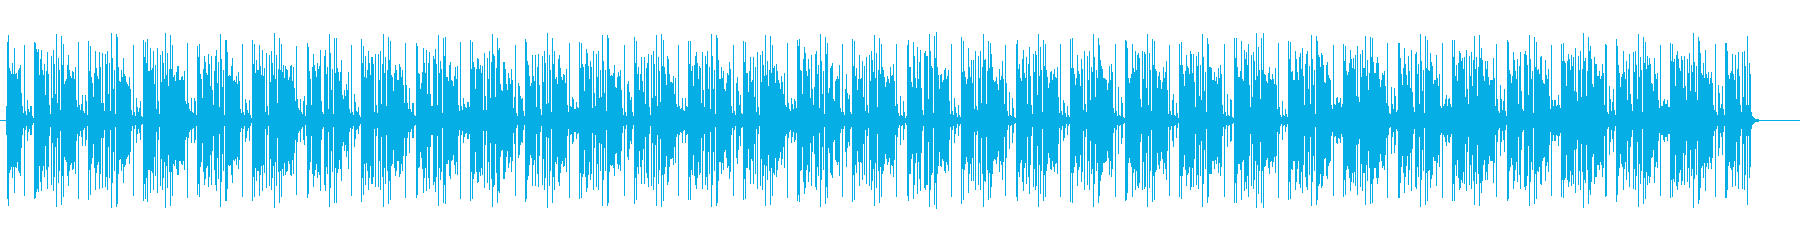 疾走感のある近未来的なミュージックの再生済みの波形